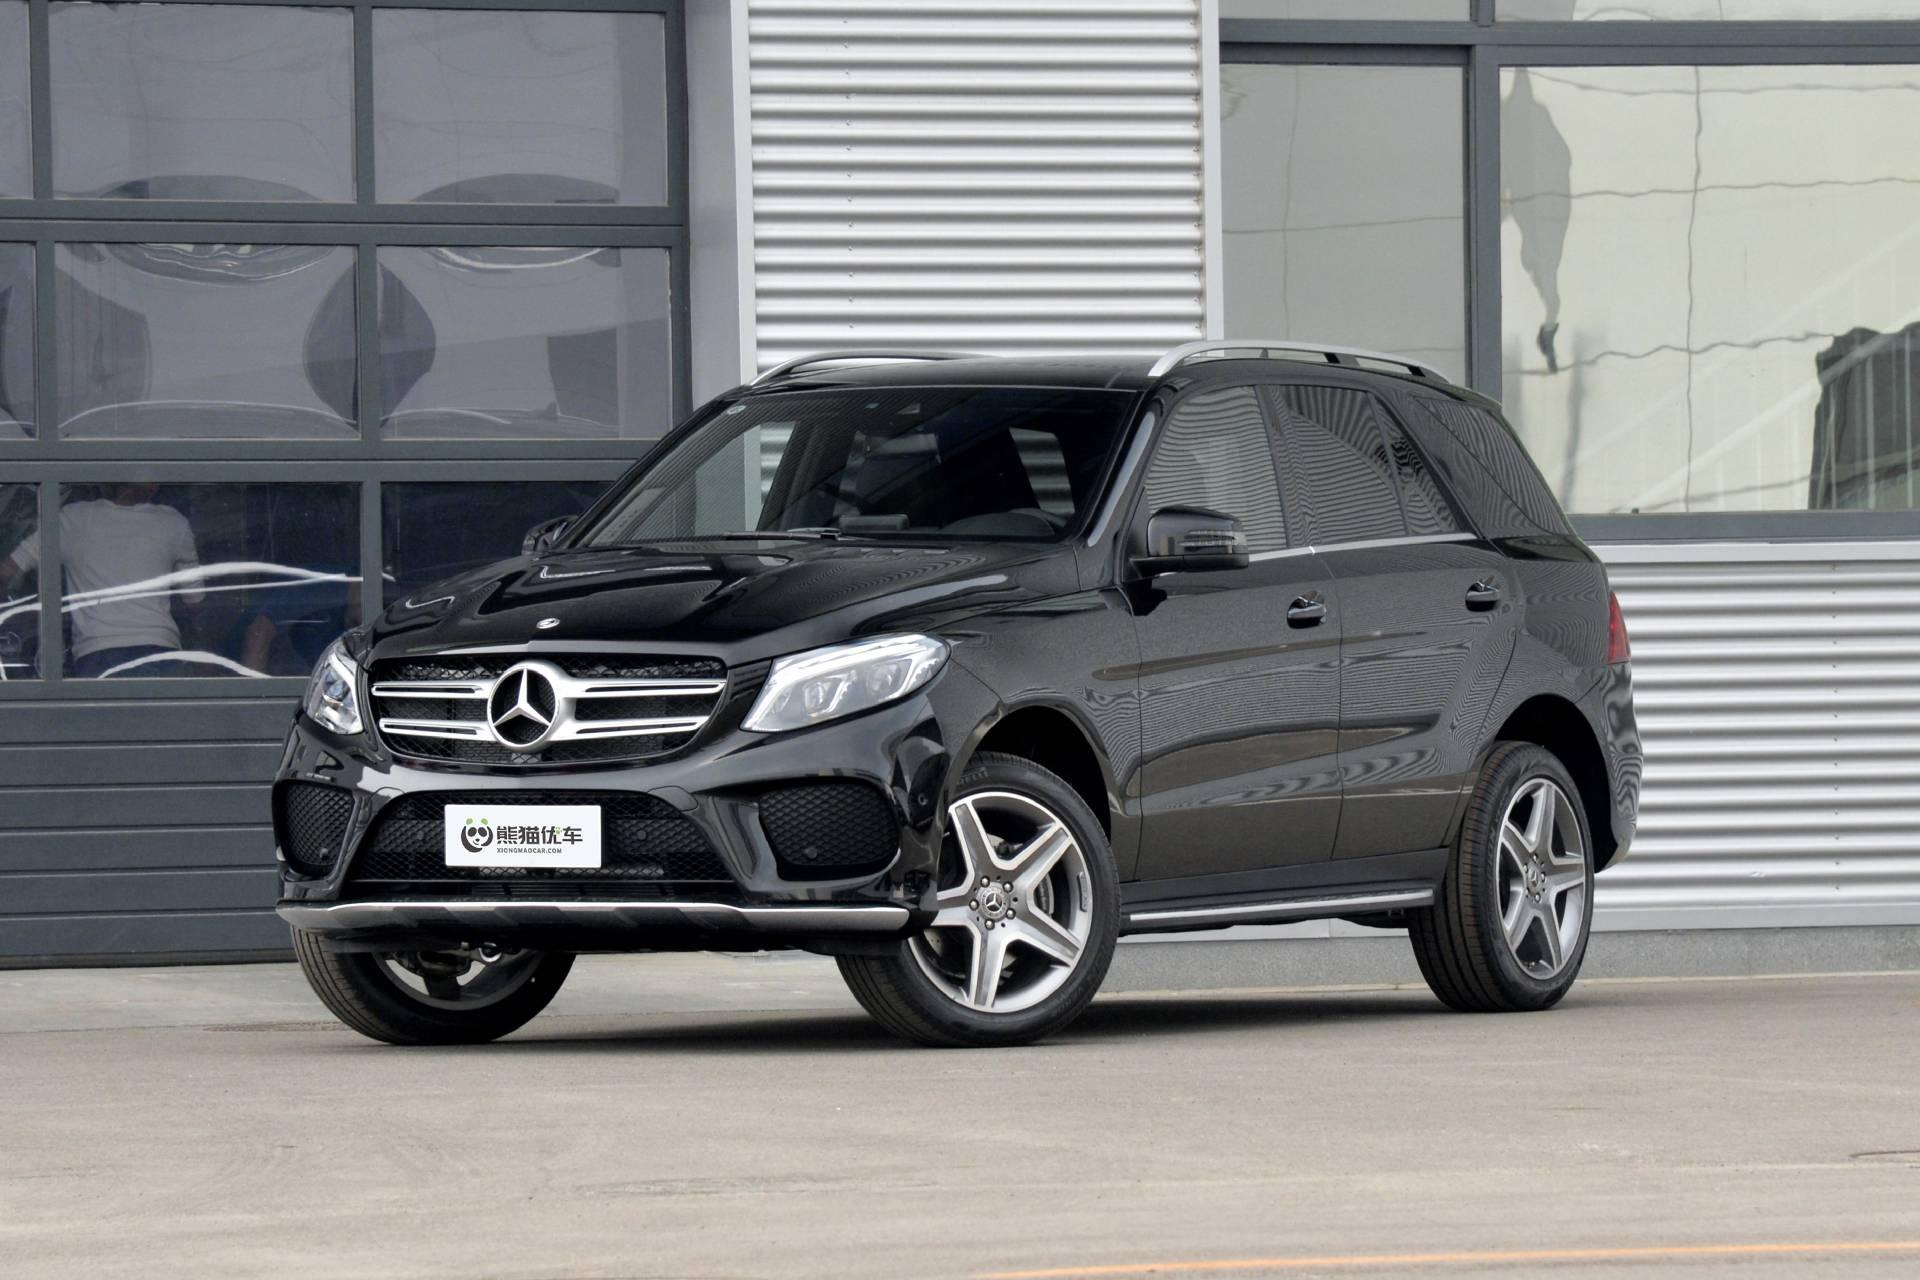 新奔驰GLE不同以往,或成豪华SUV的扛把子,你觉得这车怎么样?